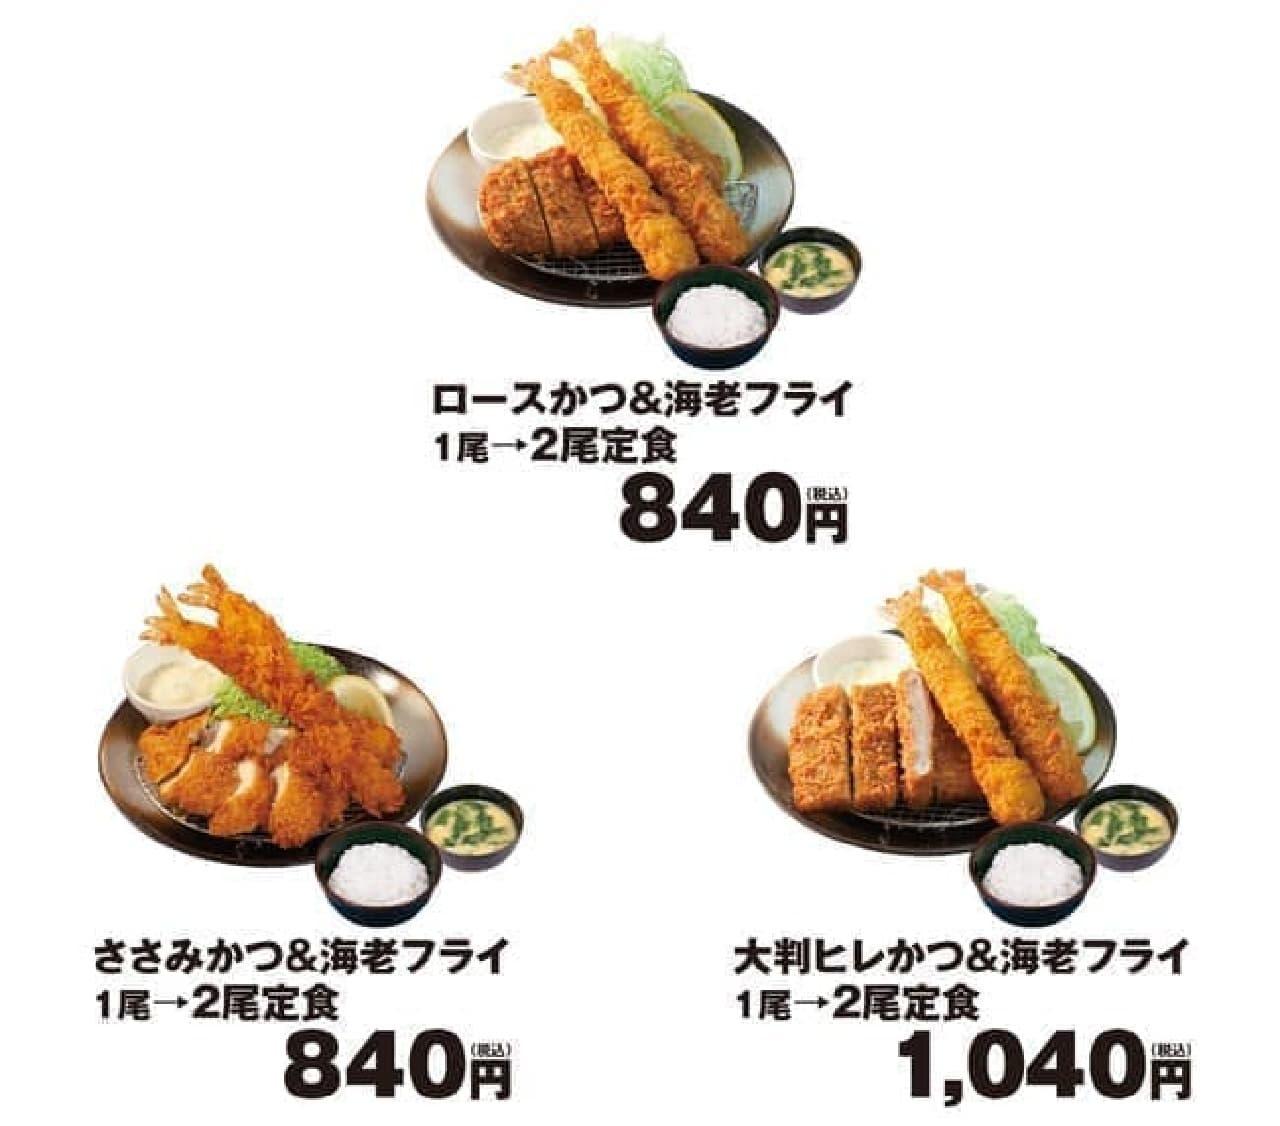 松のや「海老フライ2倍フェア」盛合せ定食の海老フライ2倍